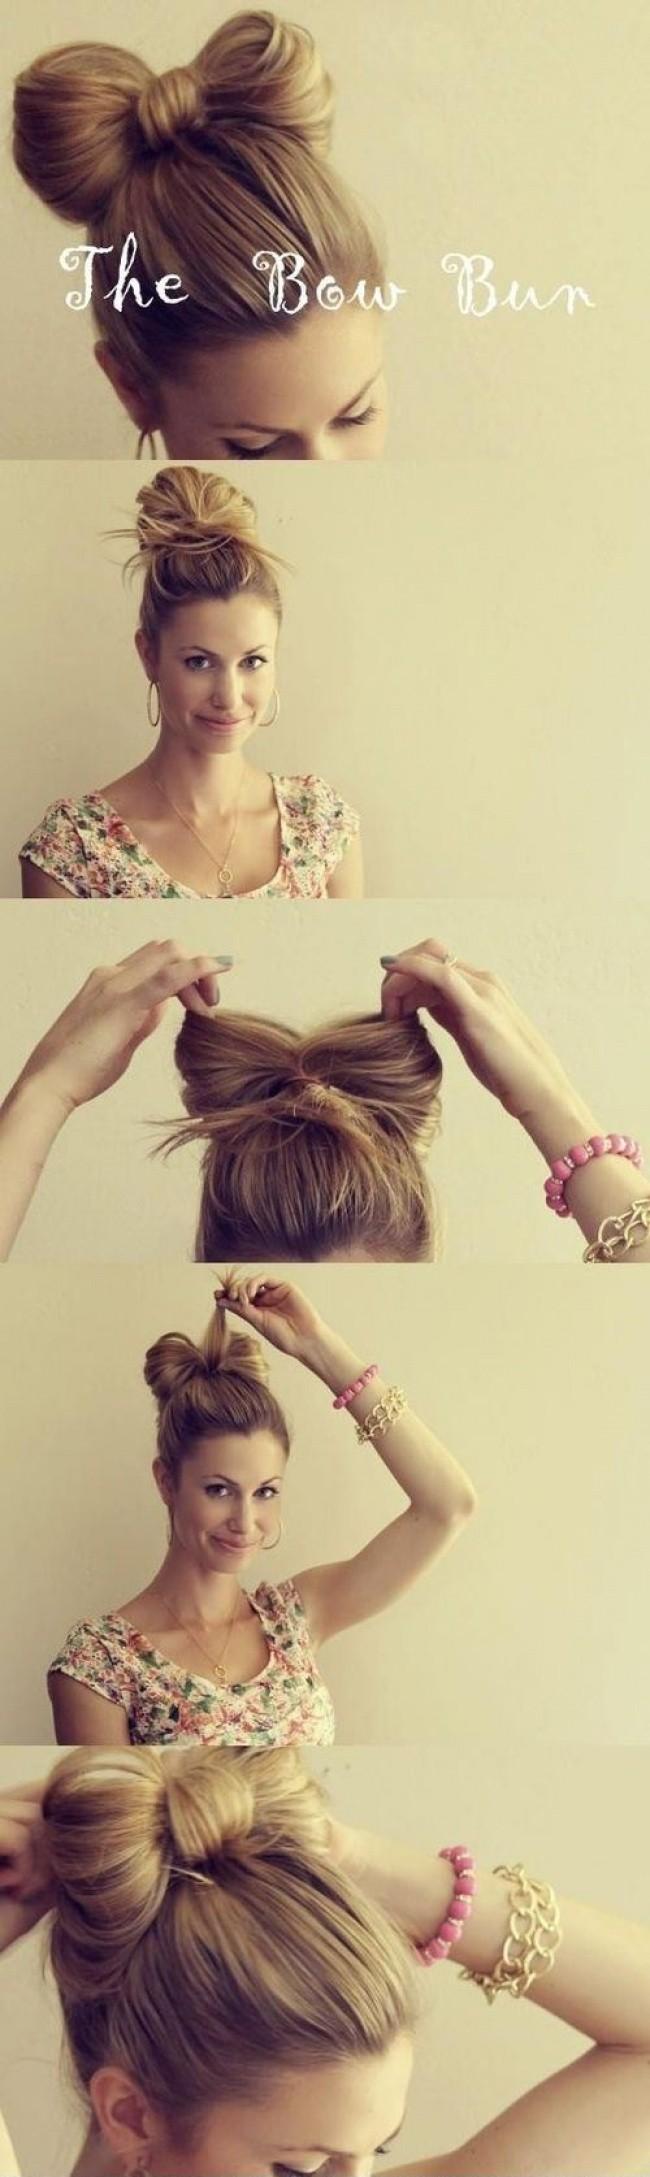 10 Façons de te coiffer si tu es en retard